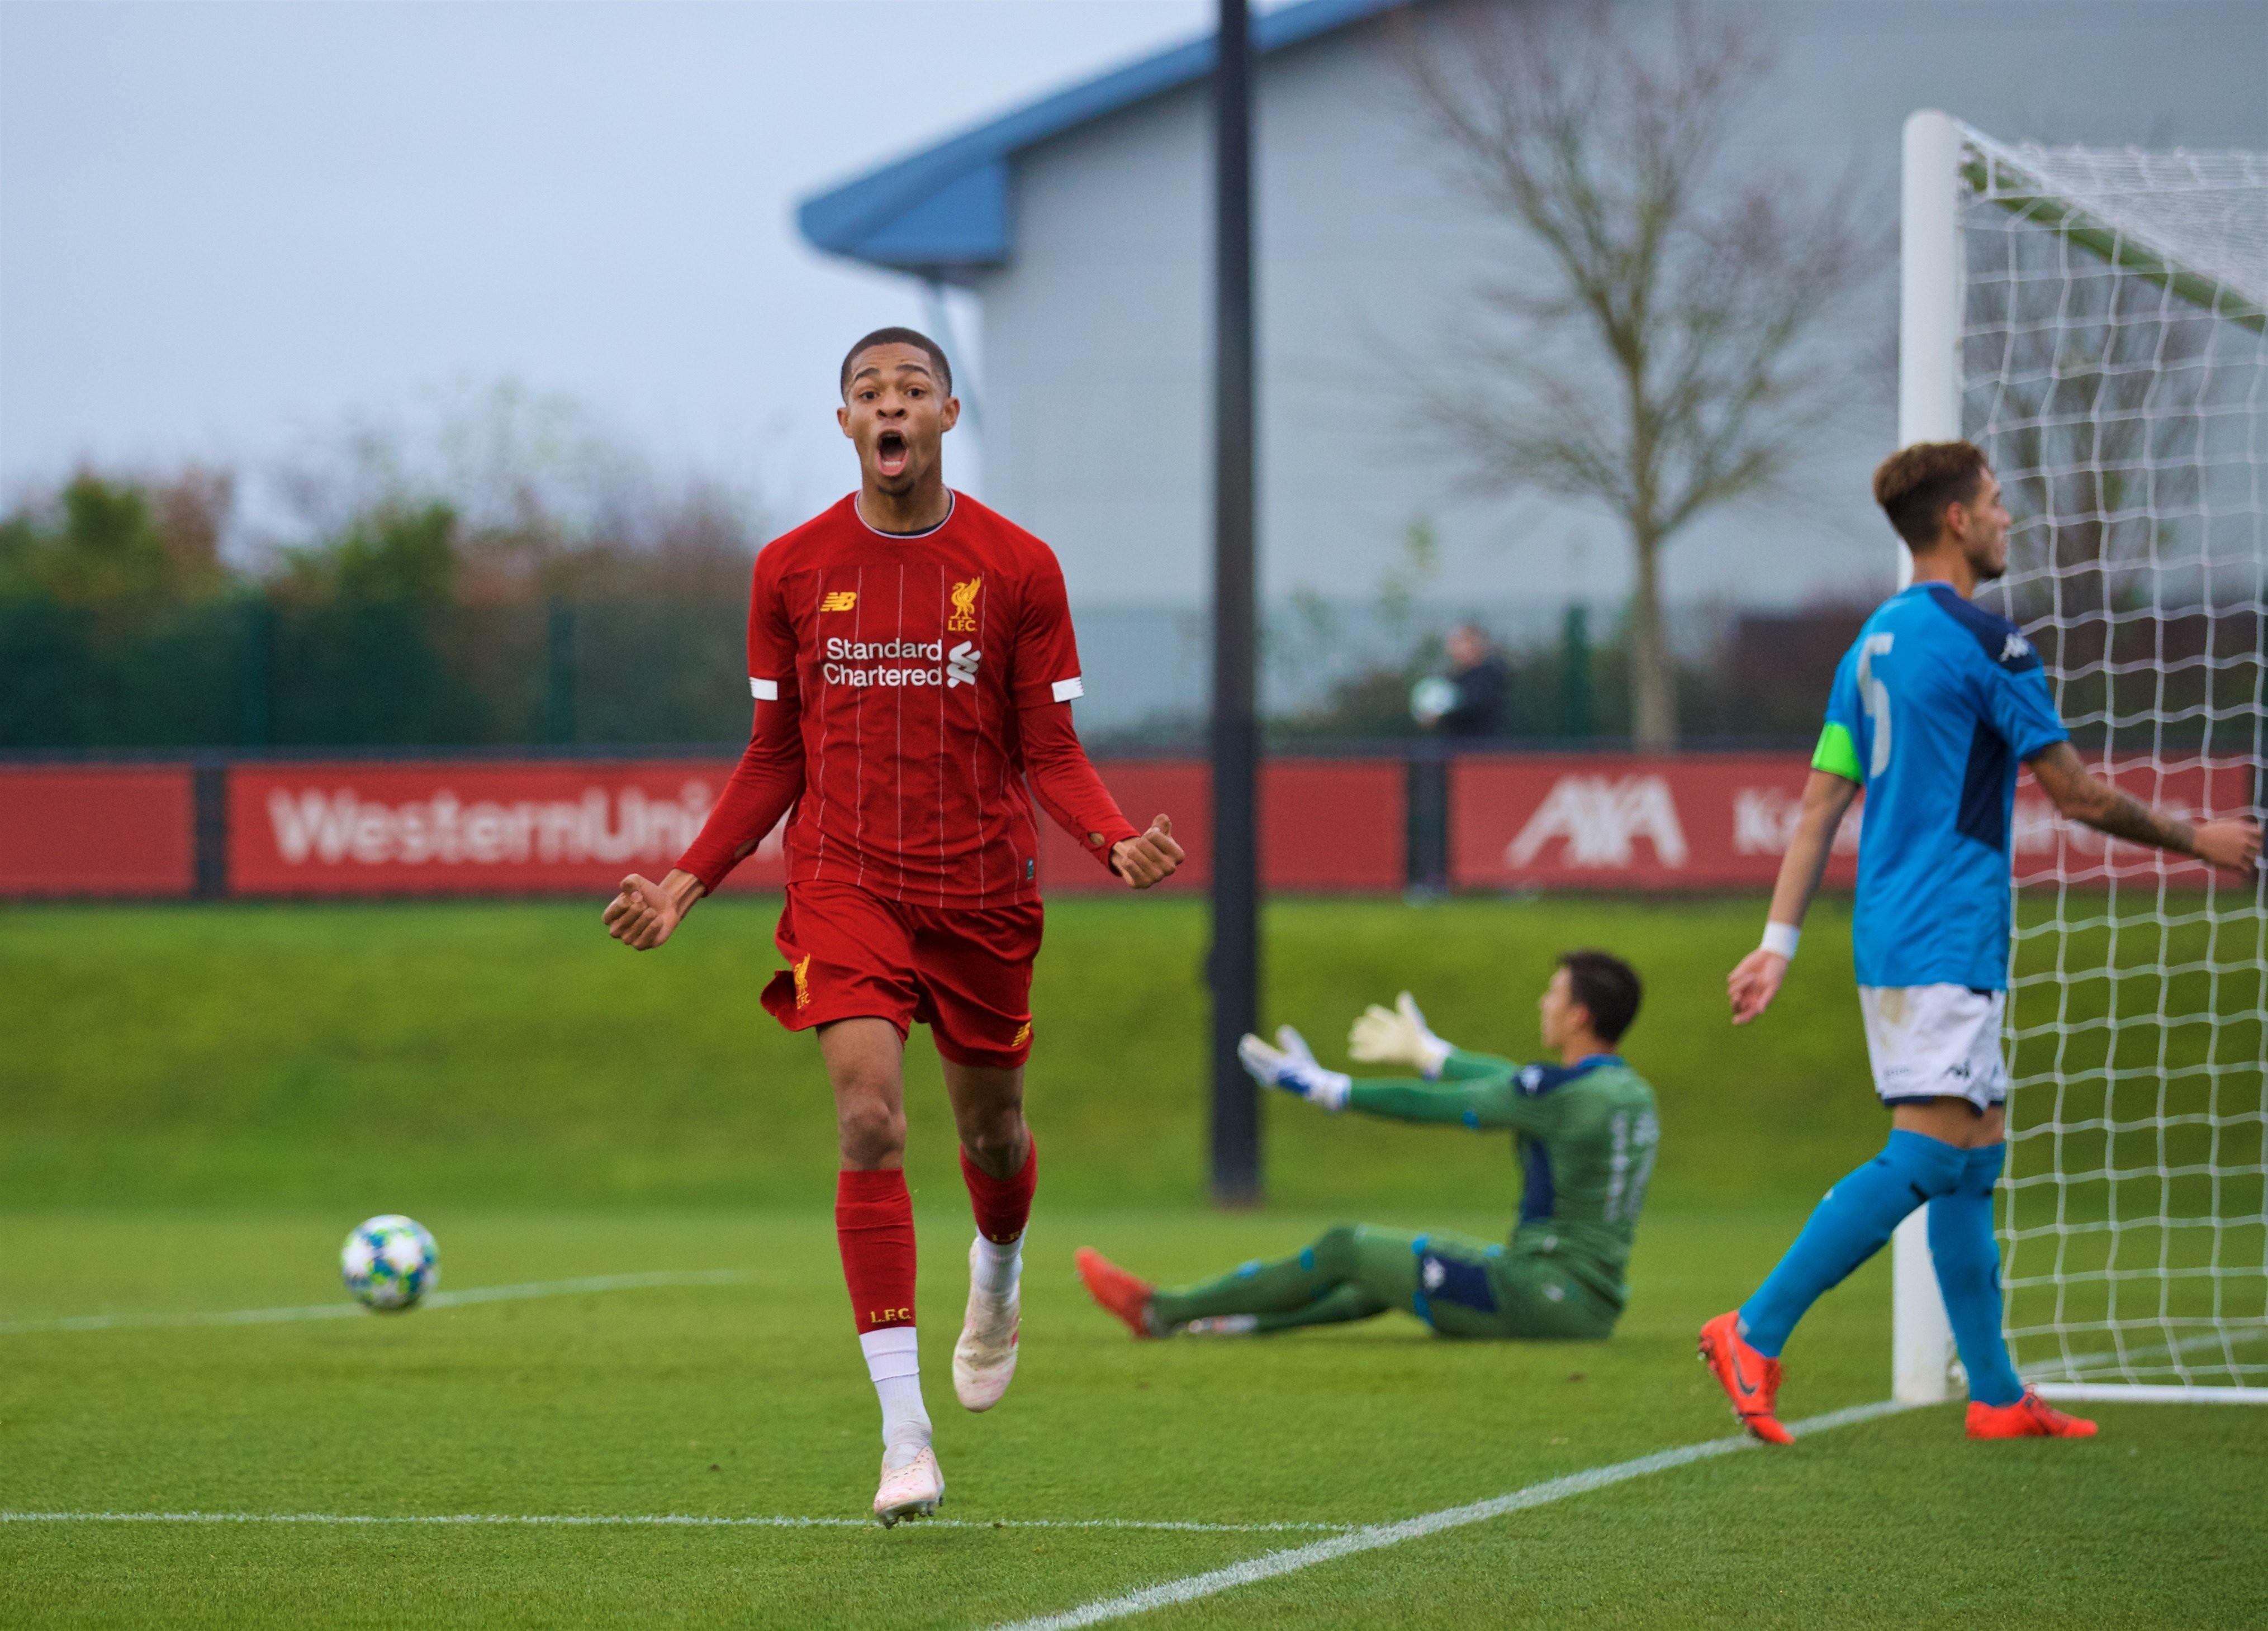 Disastro azzurro nella quinta partita di Youth League: il Napoli perde a Liverpool 7-0, quarta sconfitta e ancora ultimo posto matematico nel girone E con un solo punto.<br /><br />